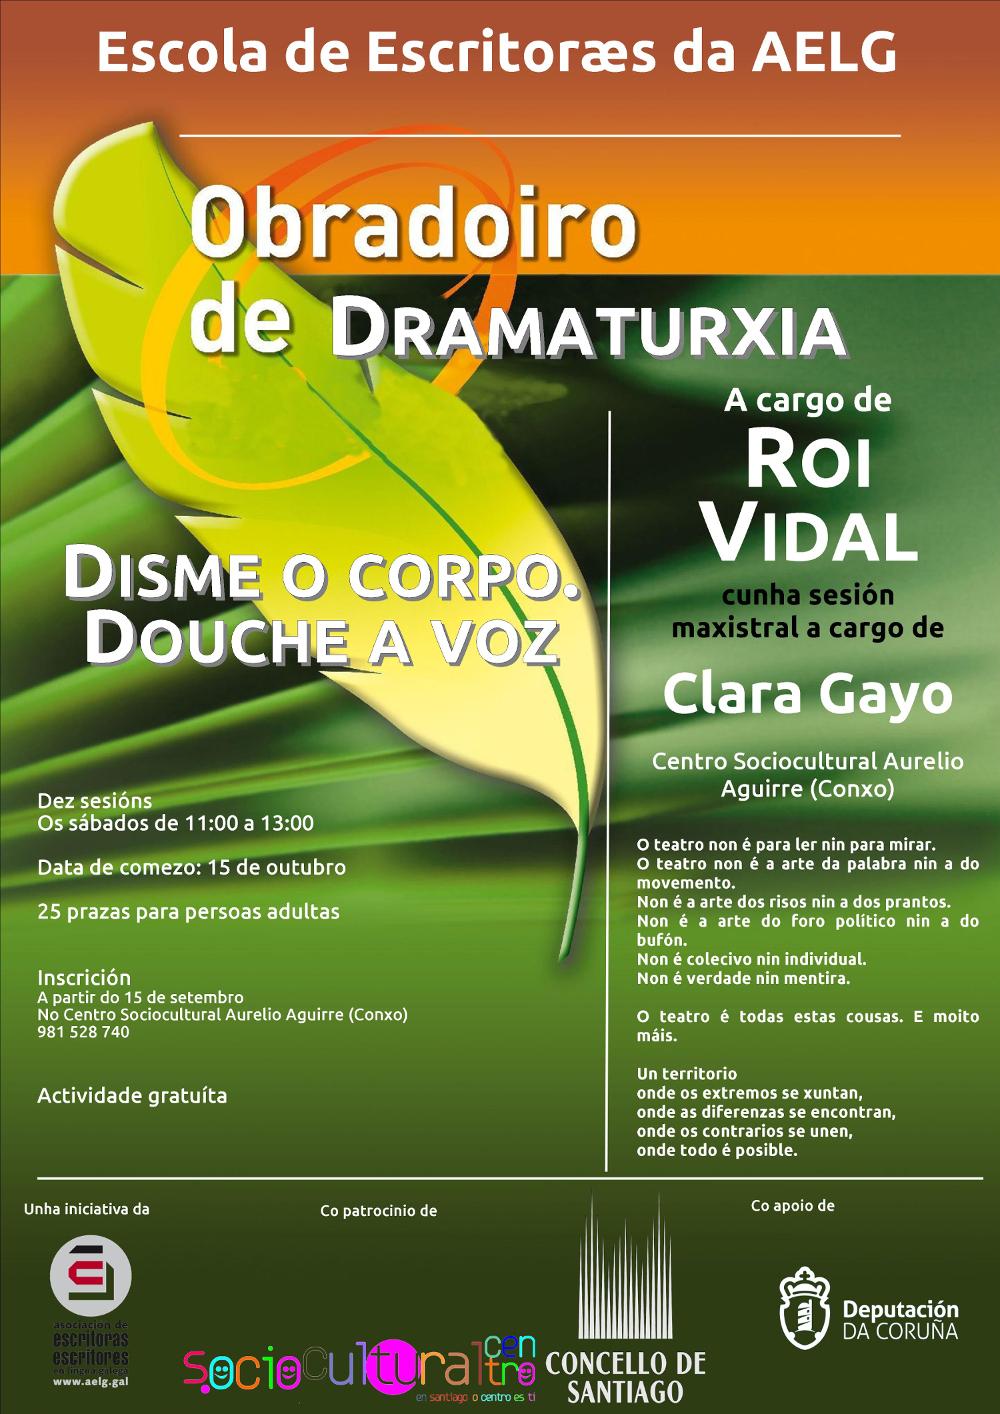 obradoirodramaturxia-roividal-composteladef